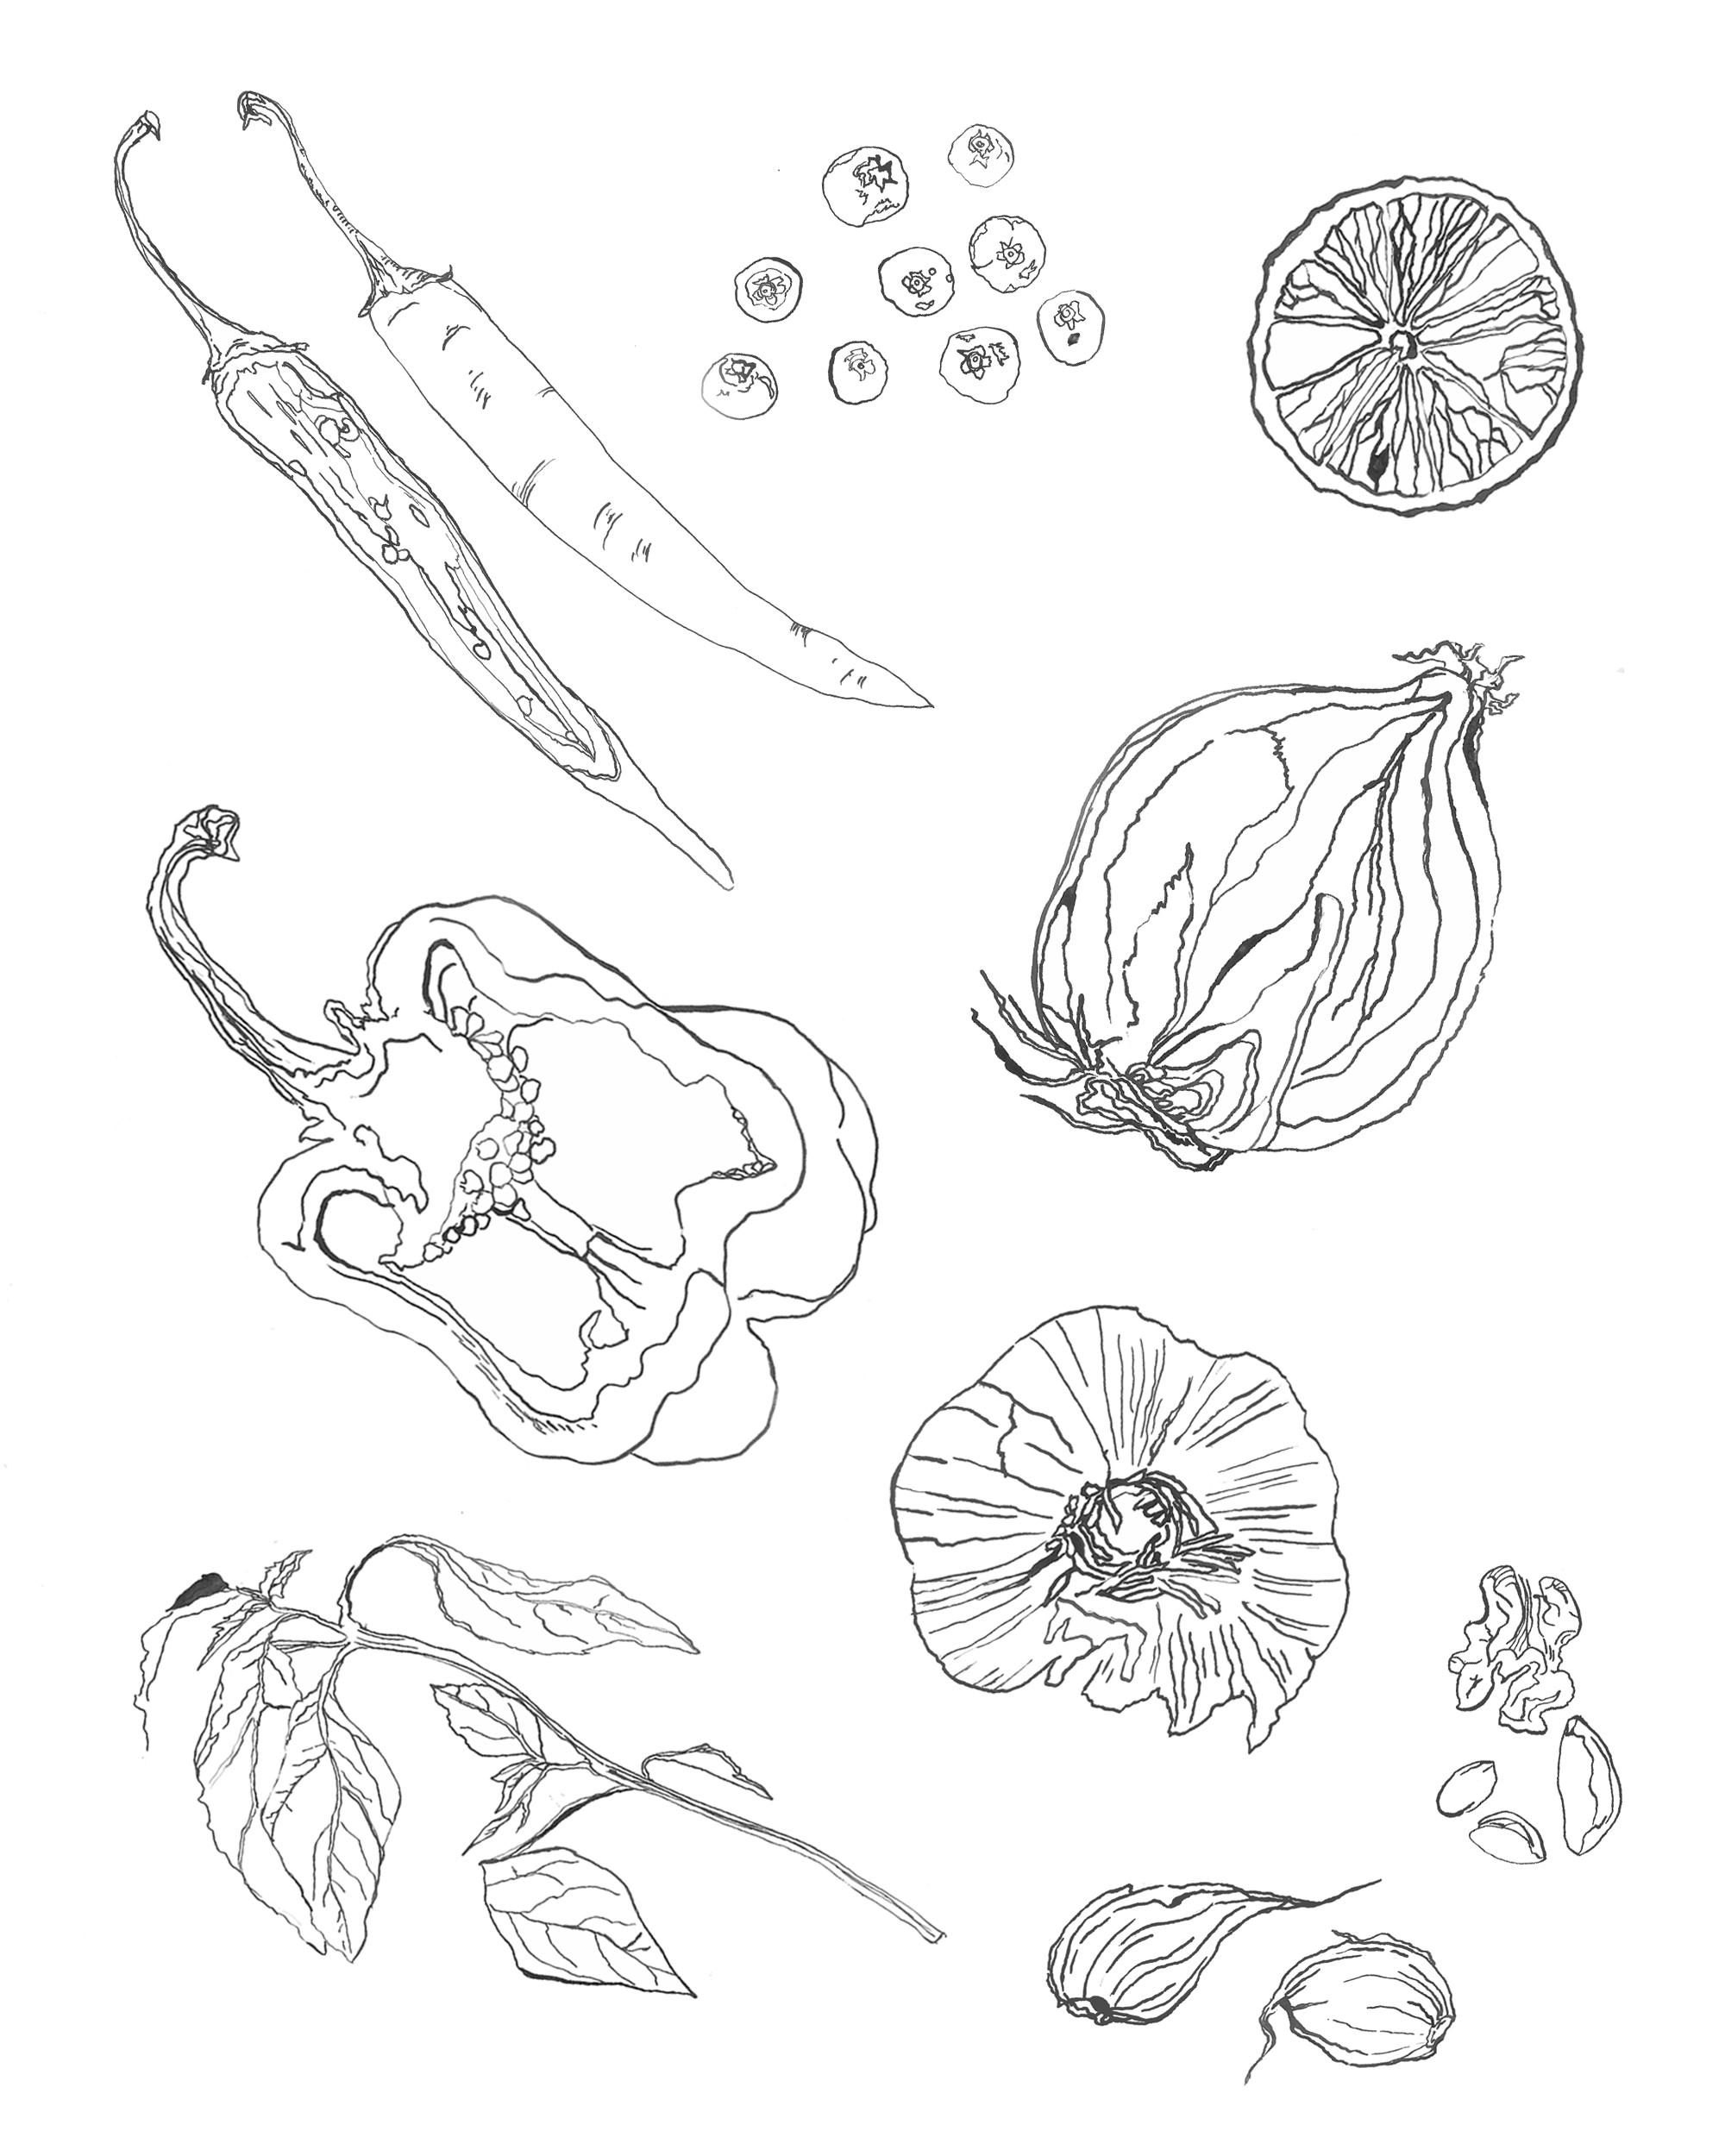 Drawings-2000_2.jpg